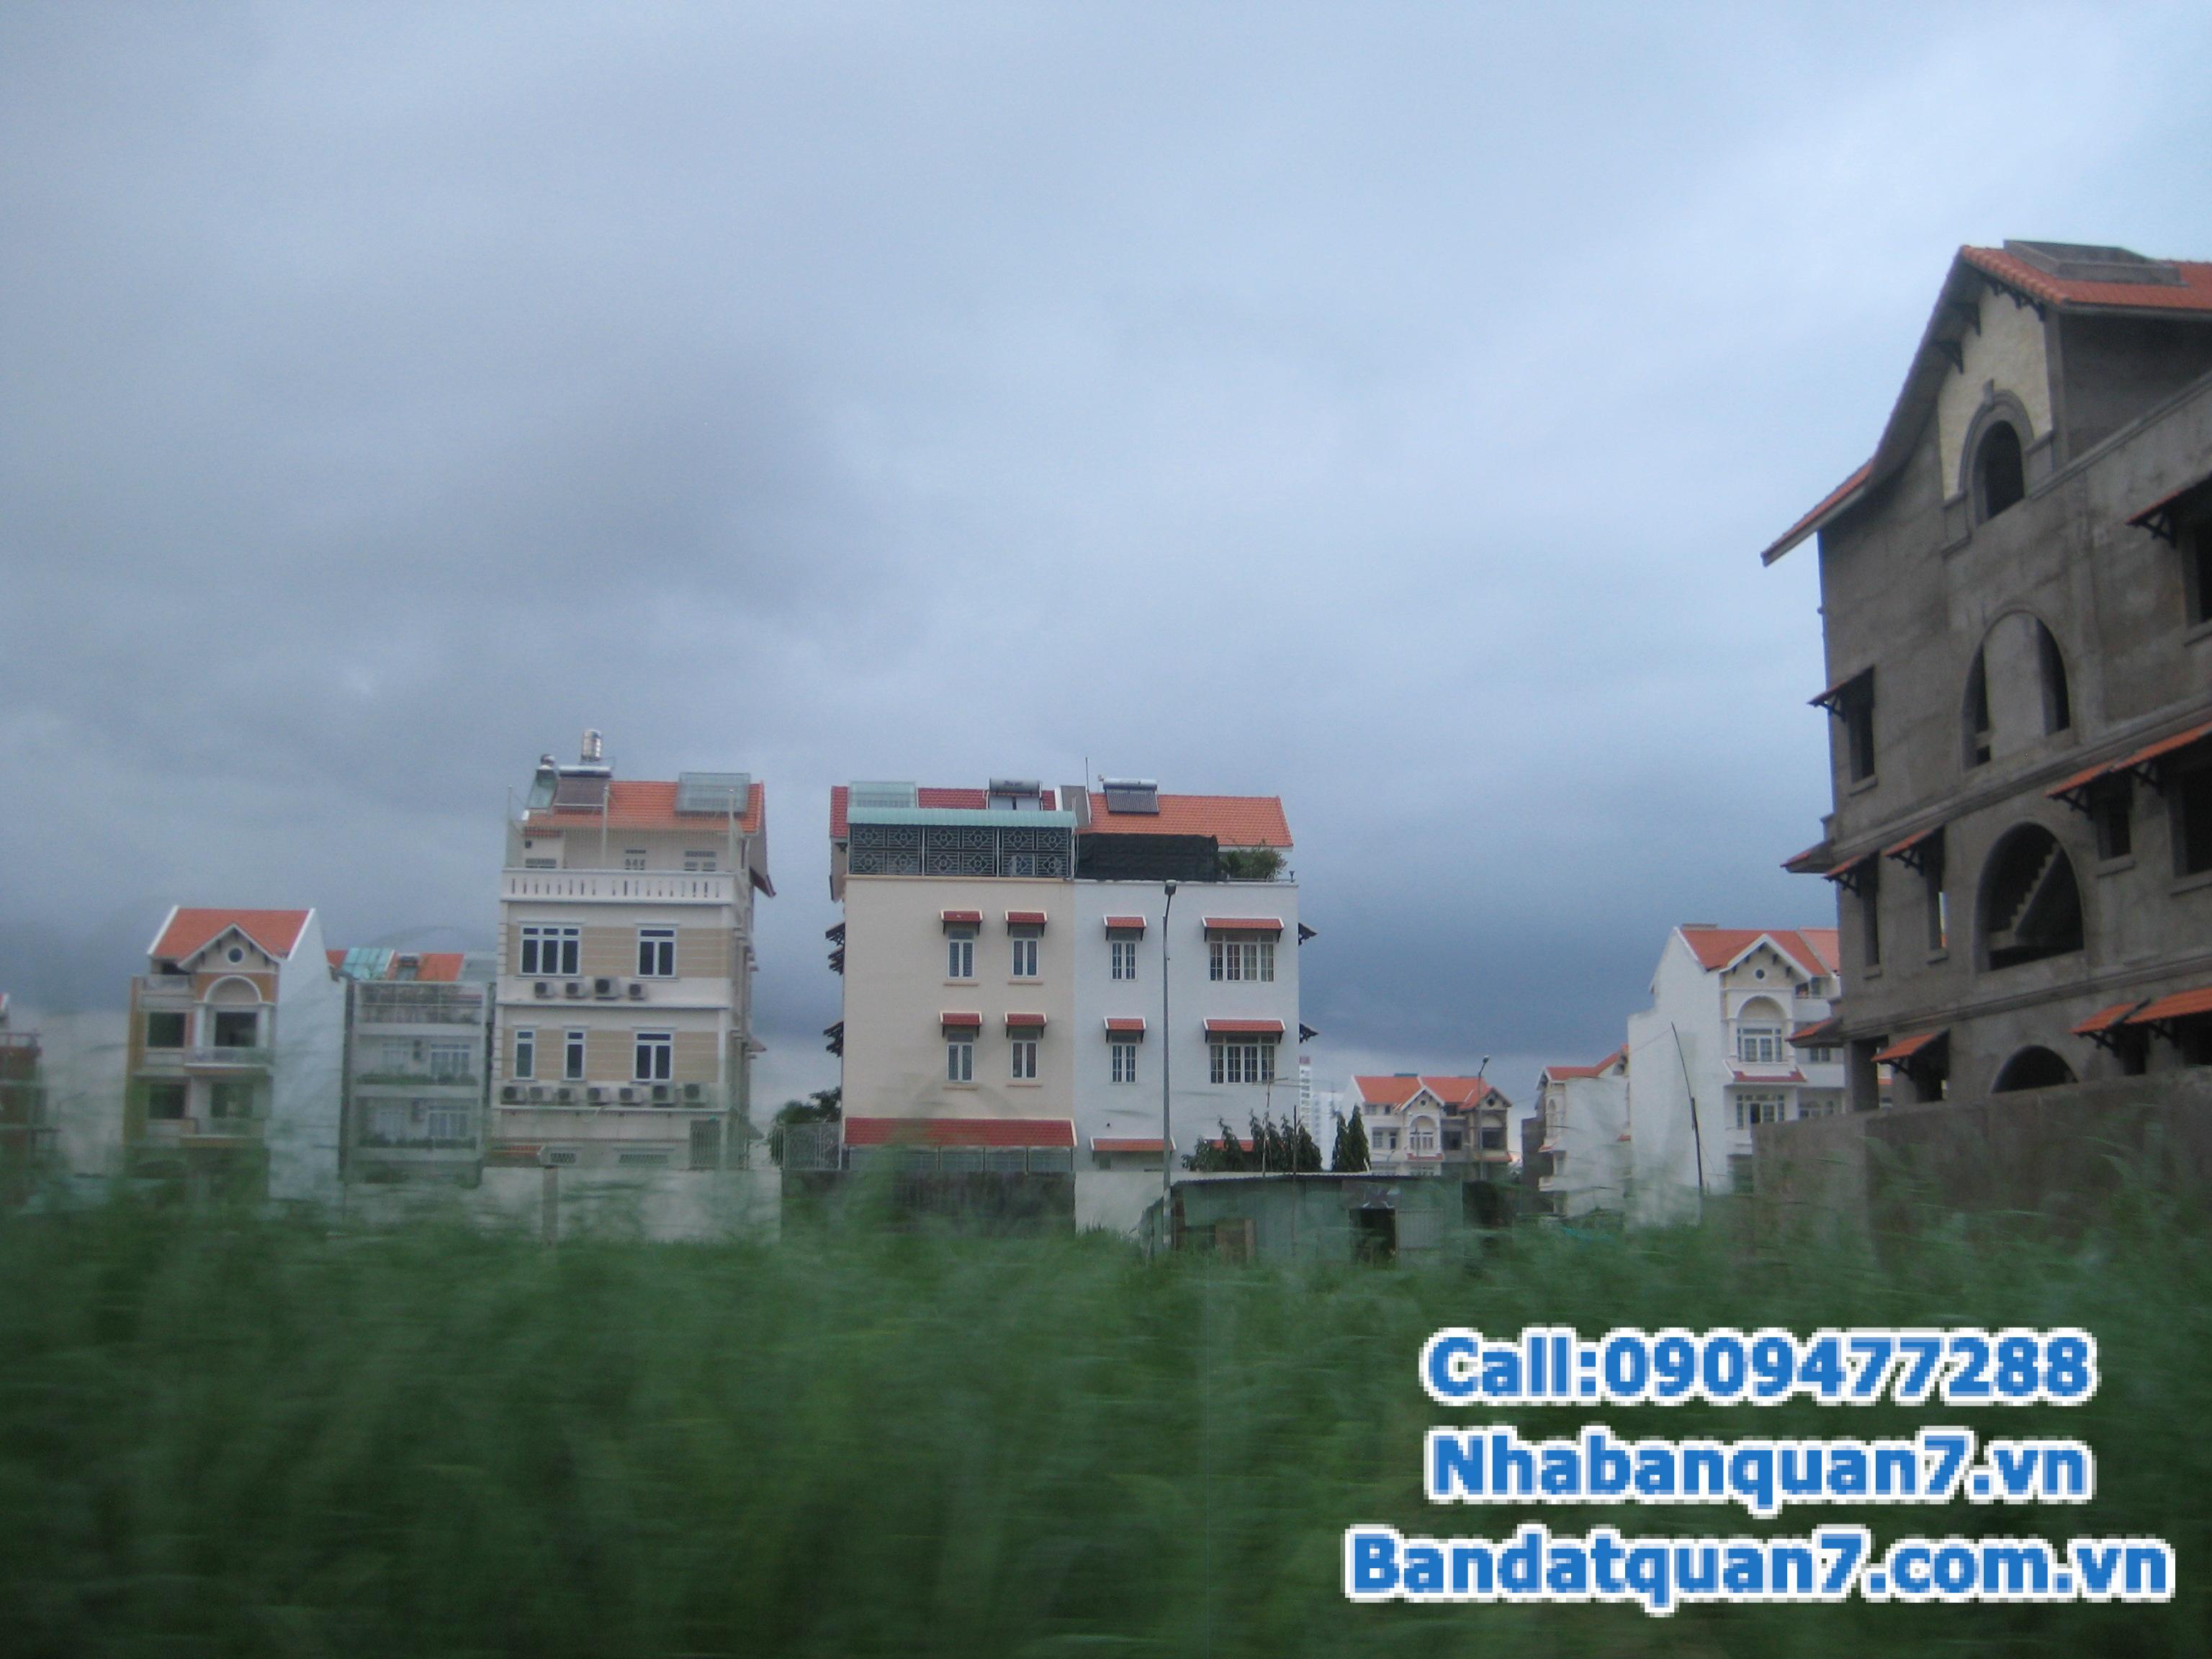 Bán gấp đất khu đô thị bật nhất HIMLAM